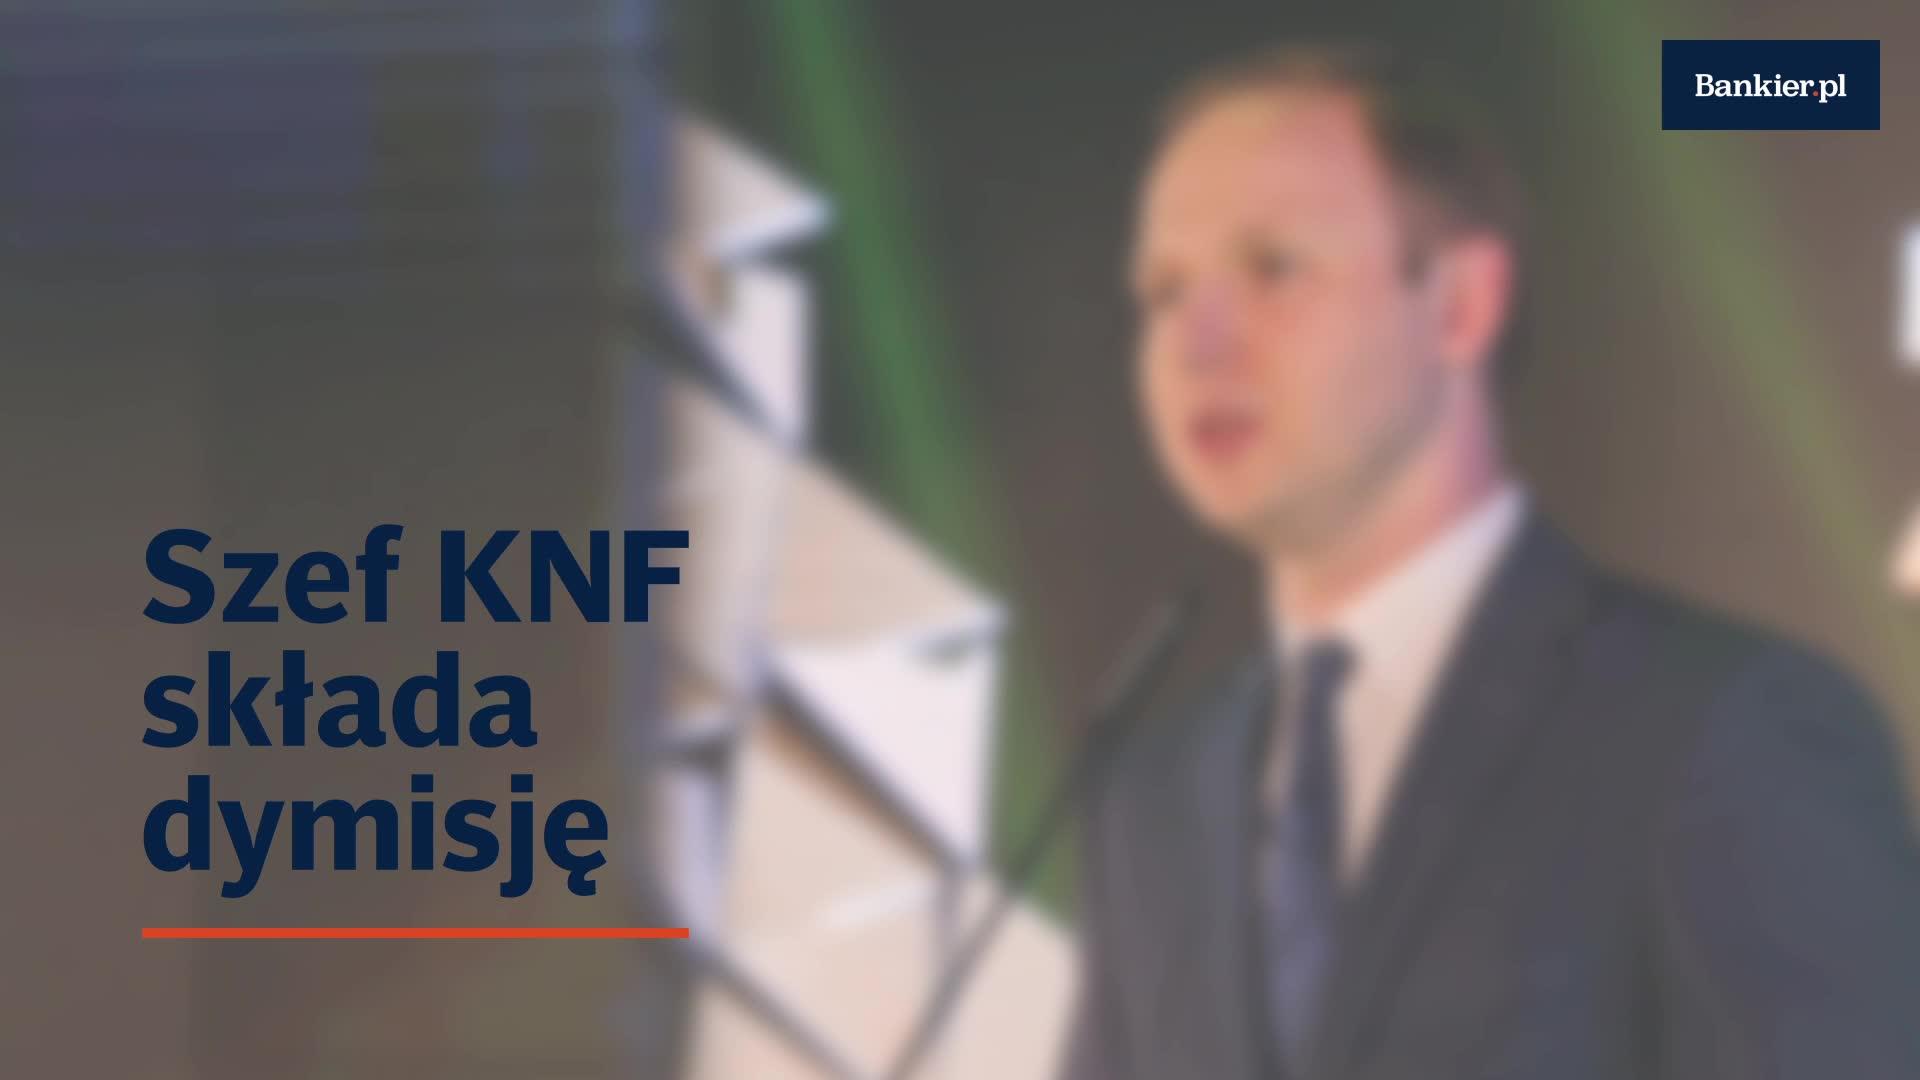 Szef KNF rezygnuje